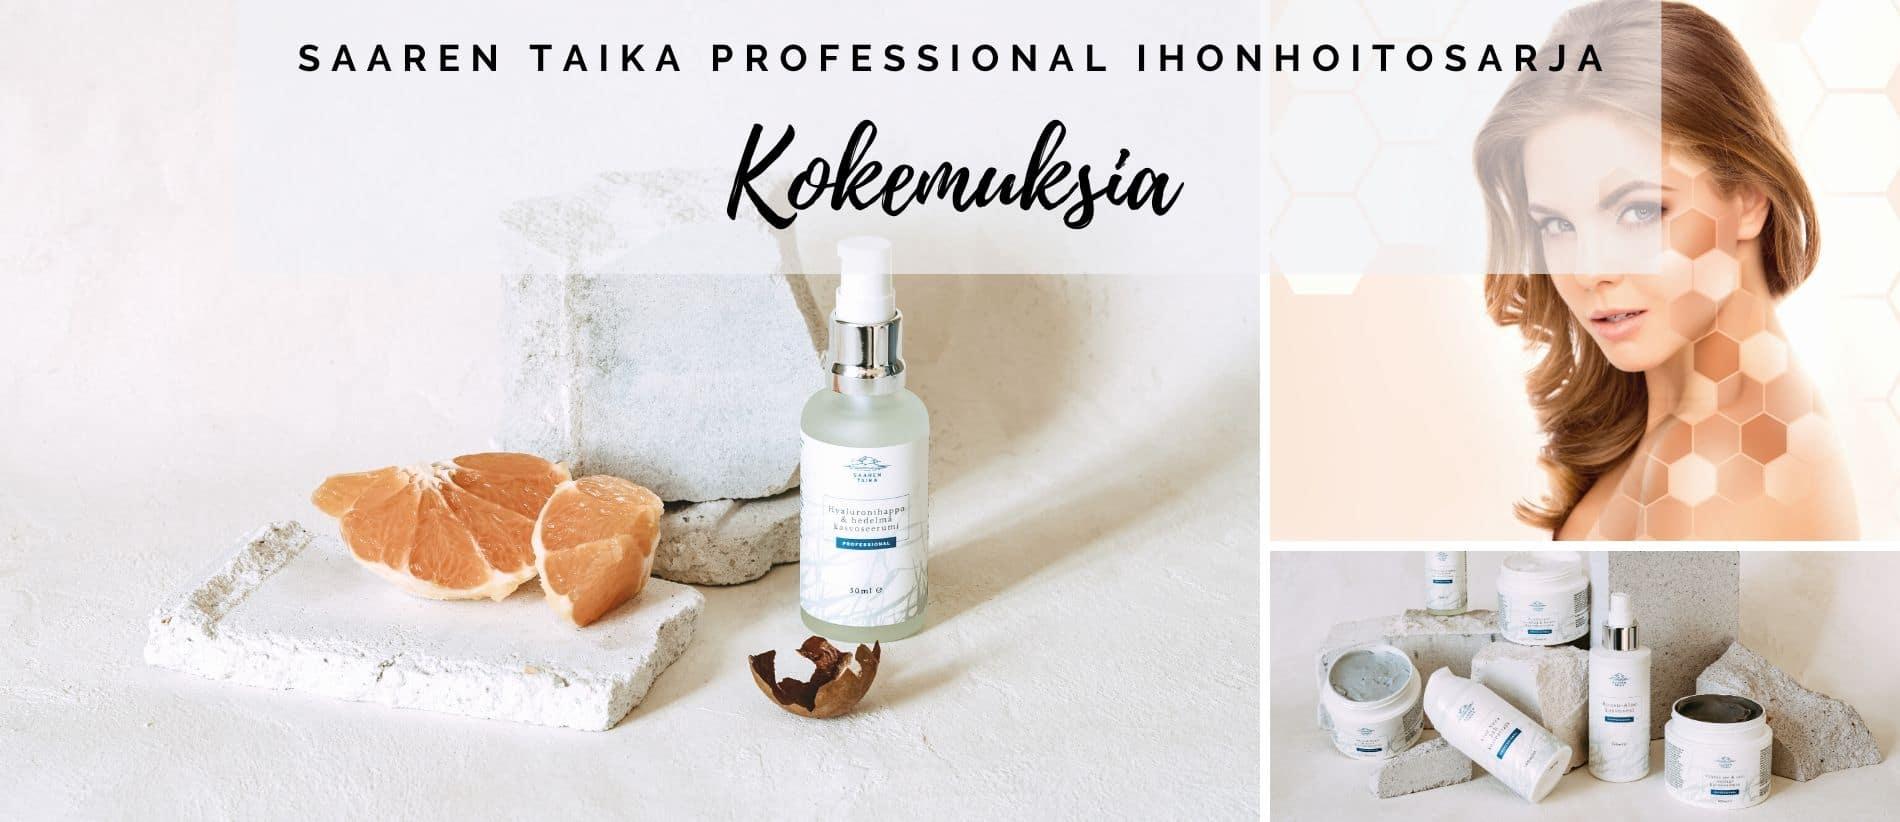 Saaren Taika Professional ihonhoitosarja kokemuksia